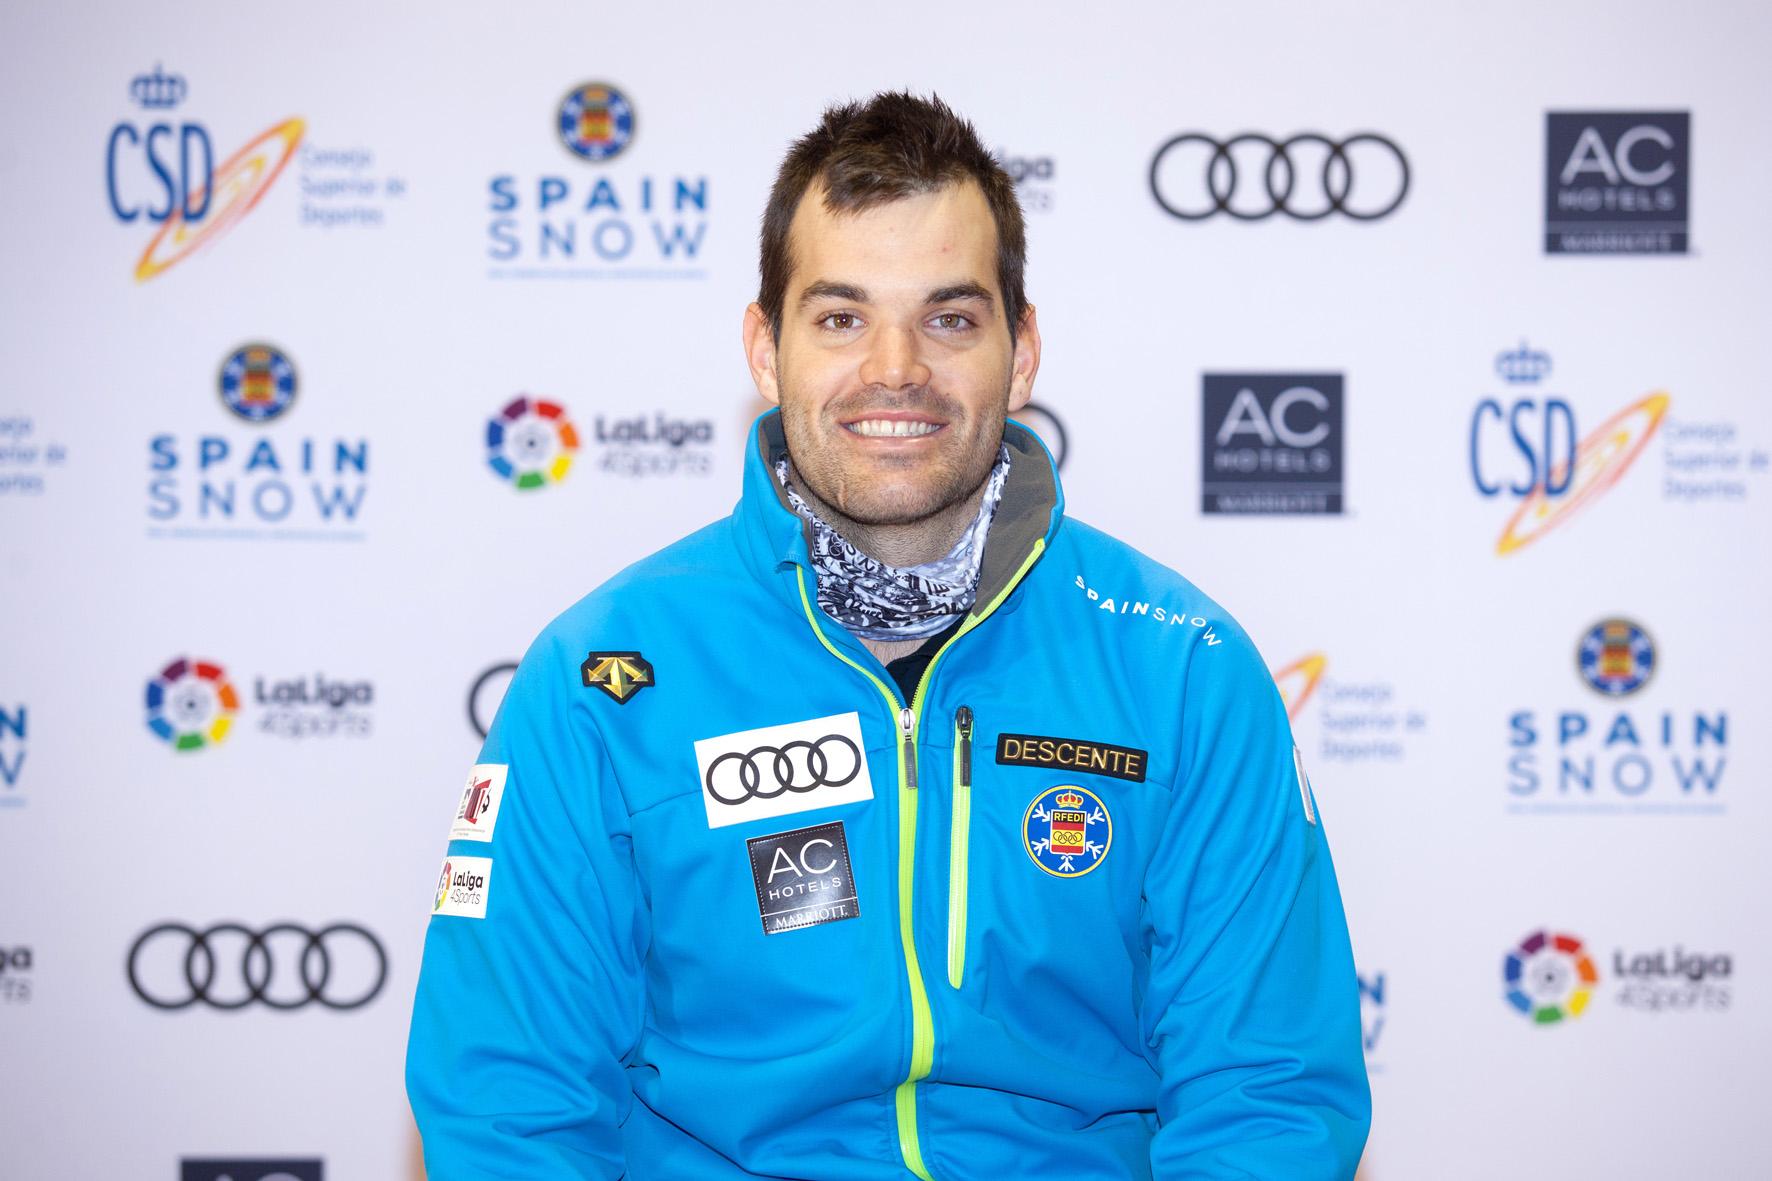 Salarich, campeón de España absoluto de slalom FOTO:  Alejandro Molina